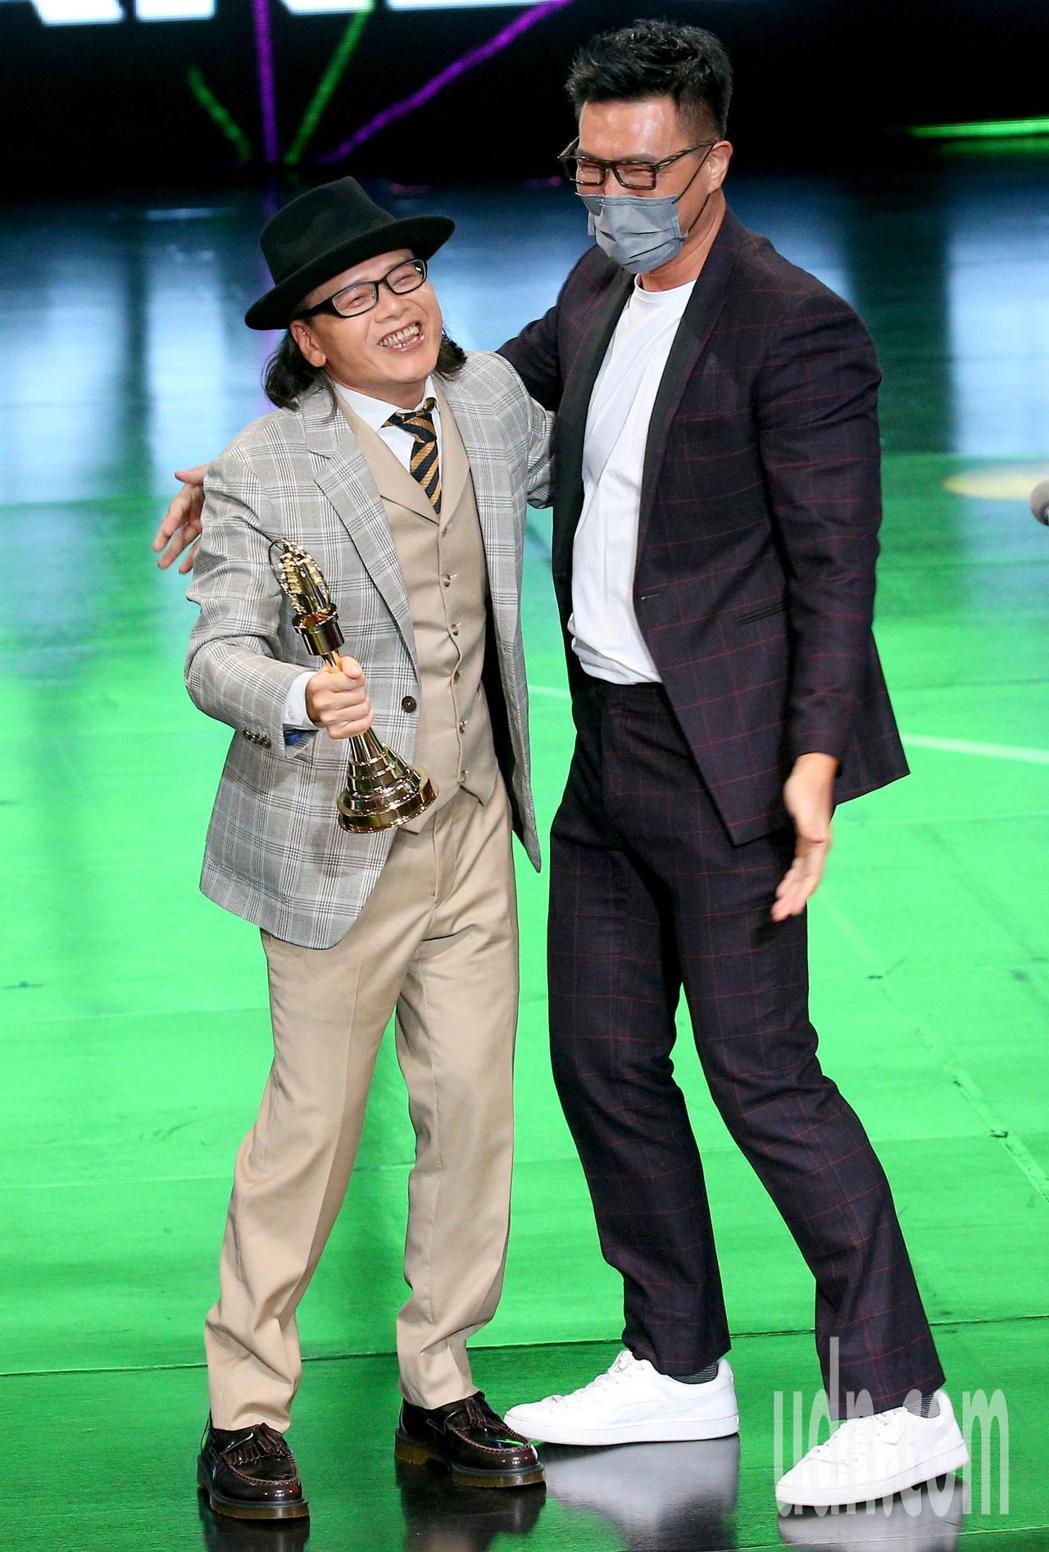 第55屆廣播金鐘獎頒獎典禮在國父紀念館舉行,蔣偉文(右)擔任頒獎人,擁抱恭喜獲頒